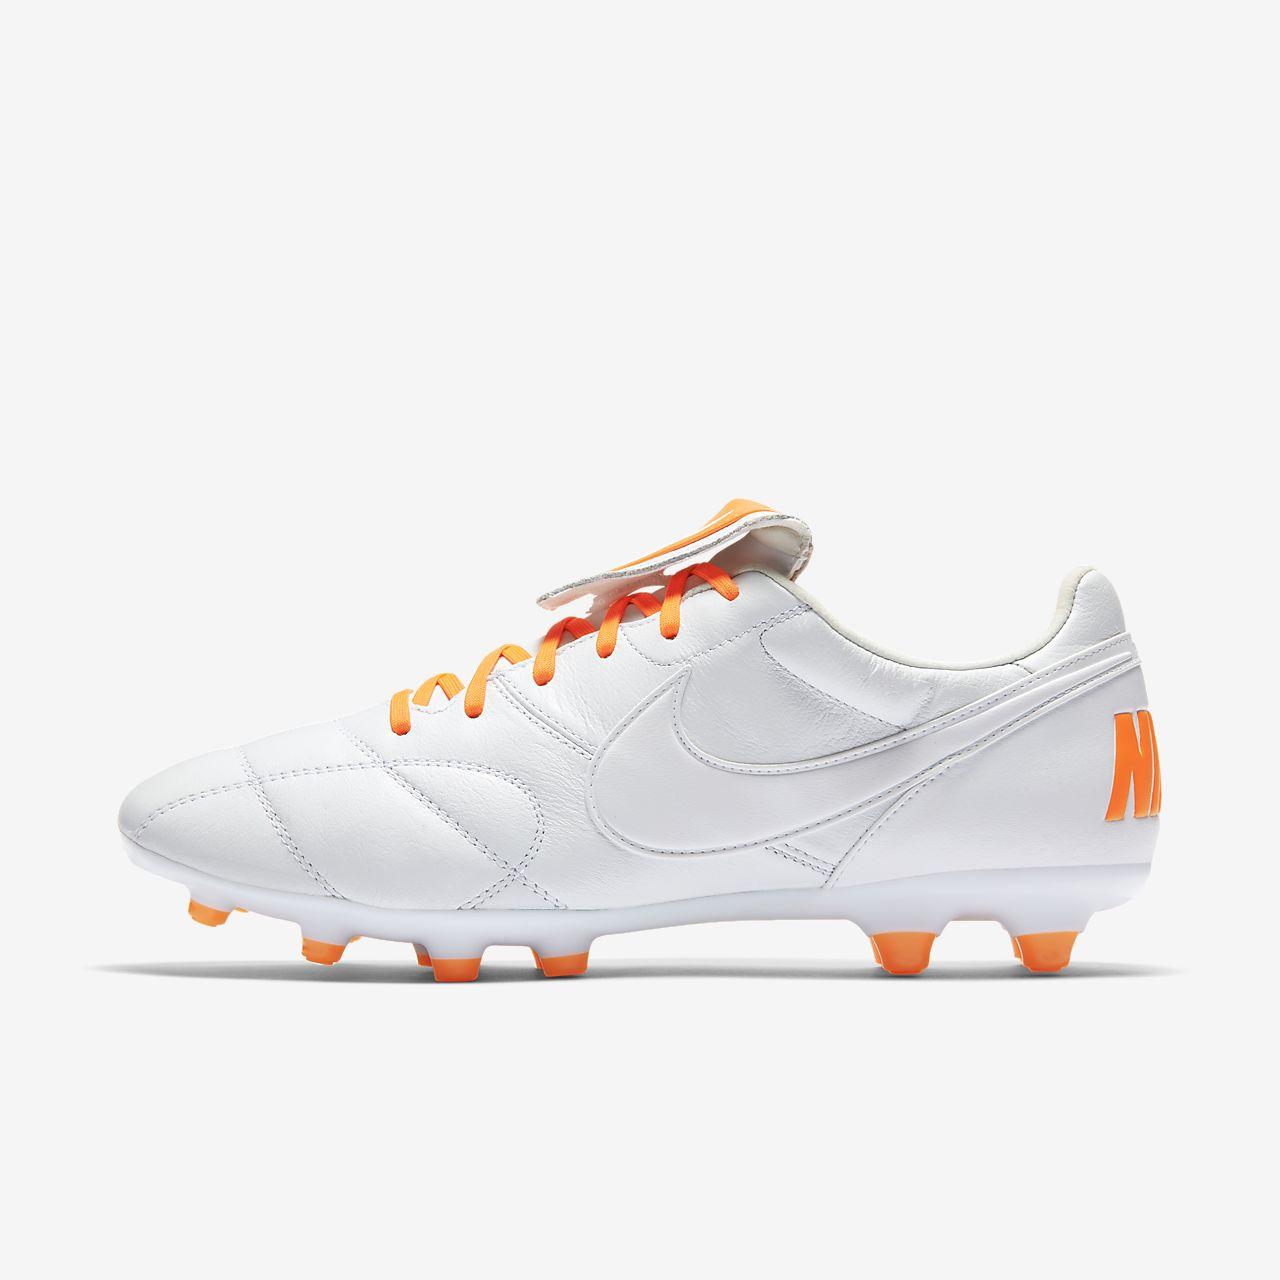 Buty piłkarskie na twardą murawę Nike Premier II FG